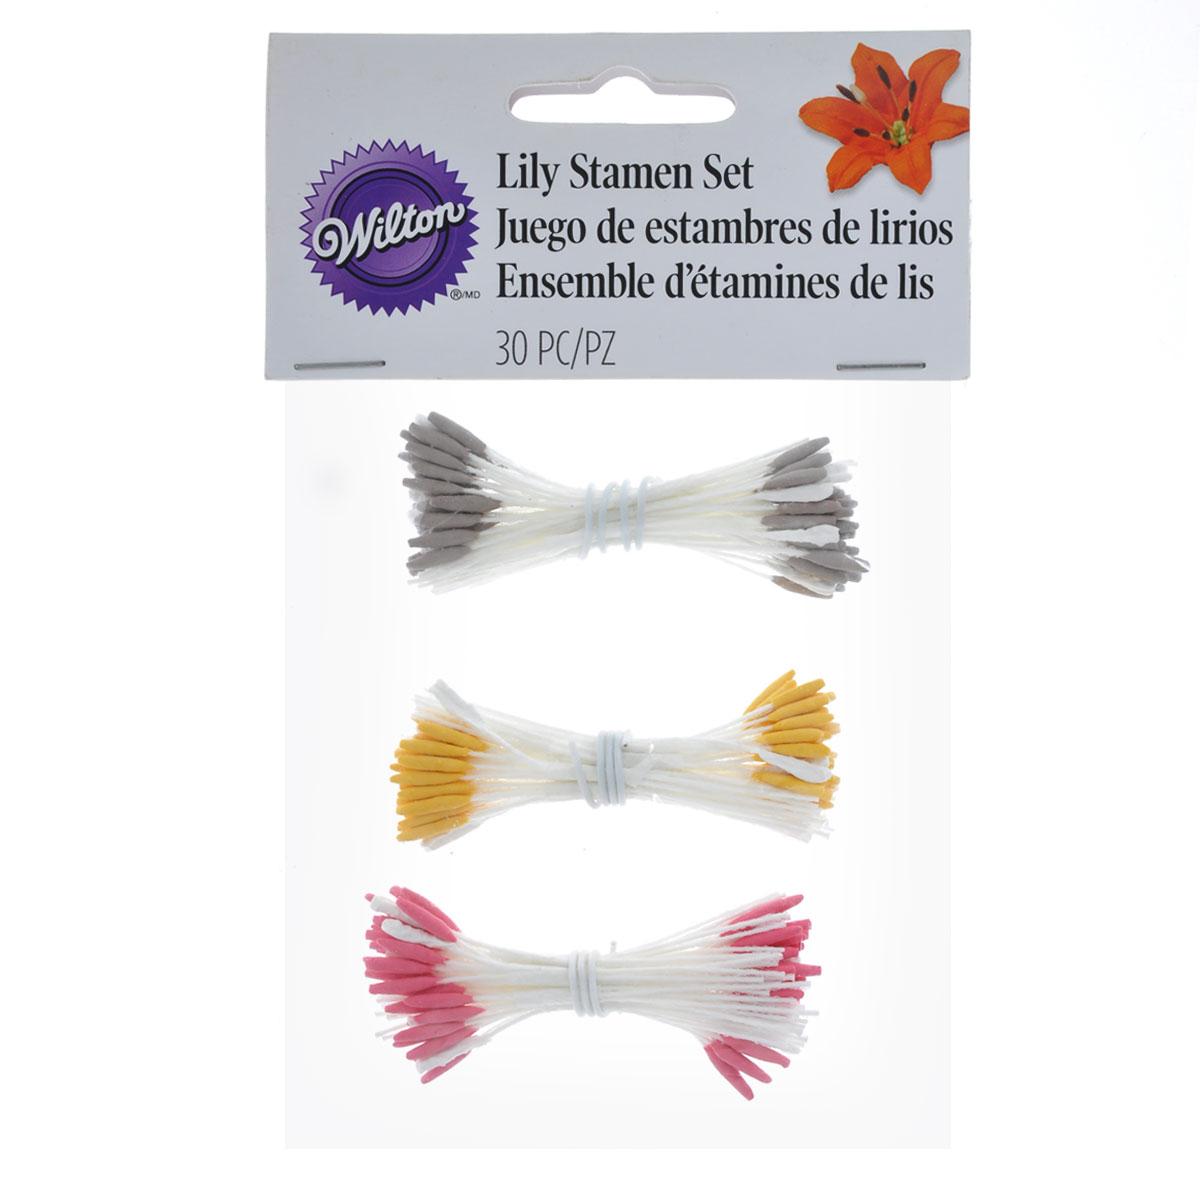 Набор тычинок Fleur Лилия, цвет: желтый, розовый, серый, 30 штWLT-1005-4451Набор Fleur Лилия состоит из декоративных тычинок лилий разного цвета. В наборе 3 цвета по 10 тычинок, выполненных из ткани. Тычинки используются в кондитерском творчестве при изготовлении съедобных цветов из глазури или мастики. Завершите ваши съедобные цветы такими натуральными на вид тычинками. <brДлина тычинок: 6 см.